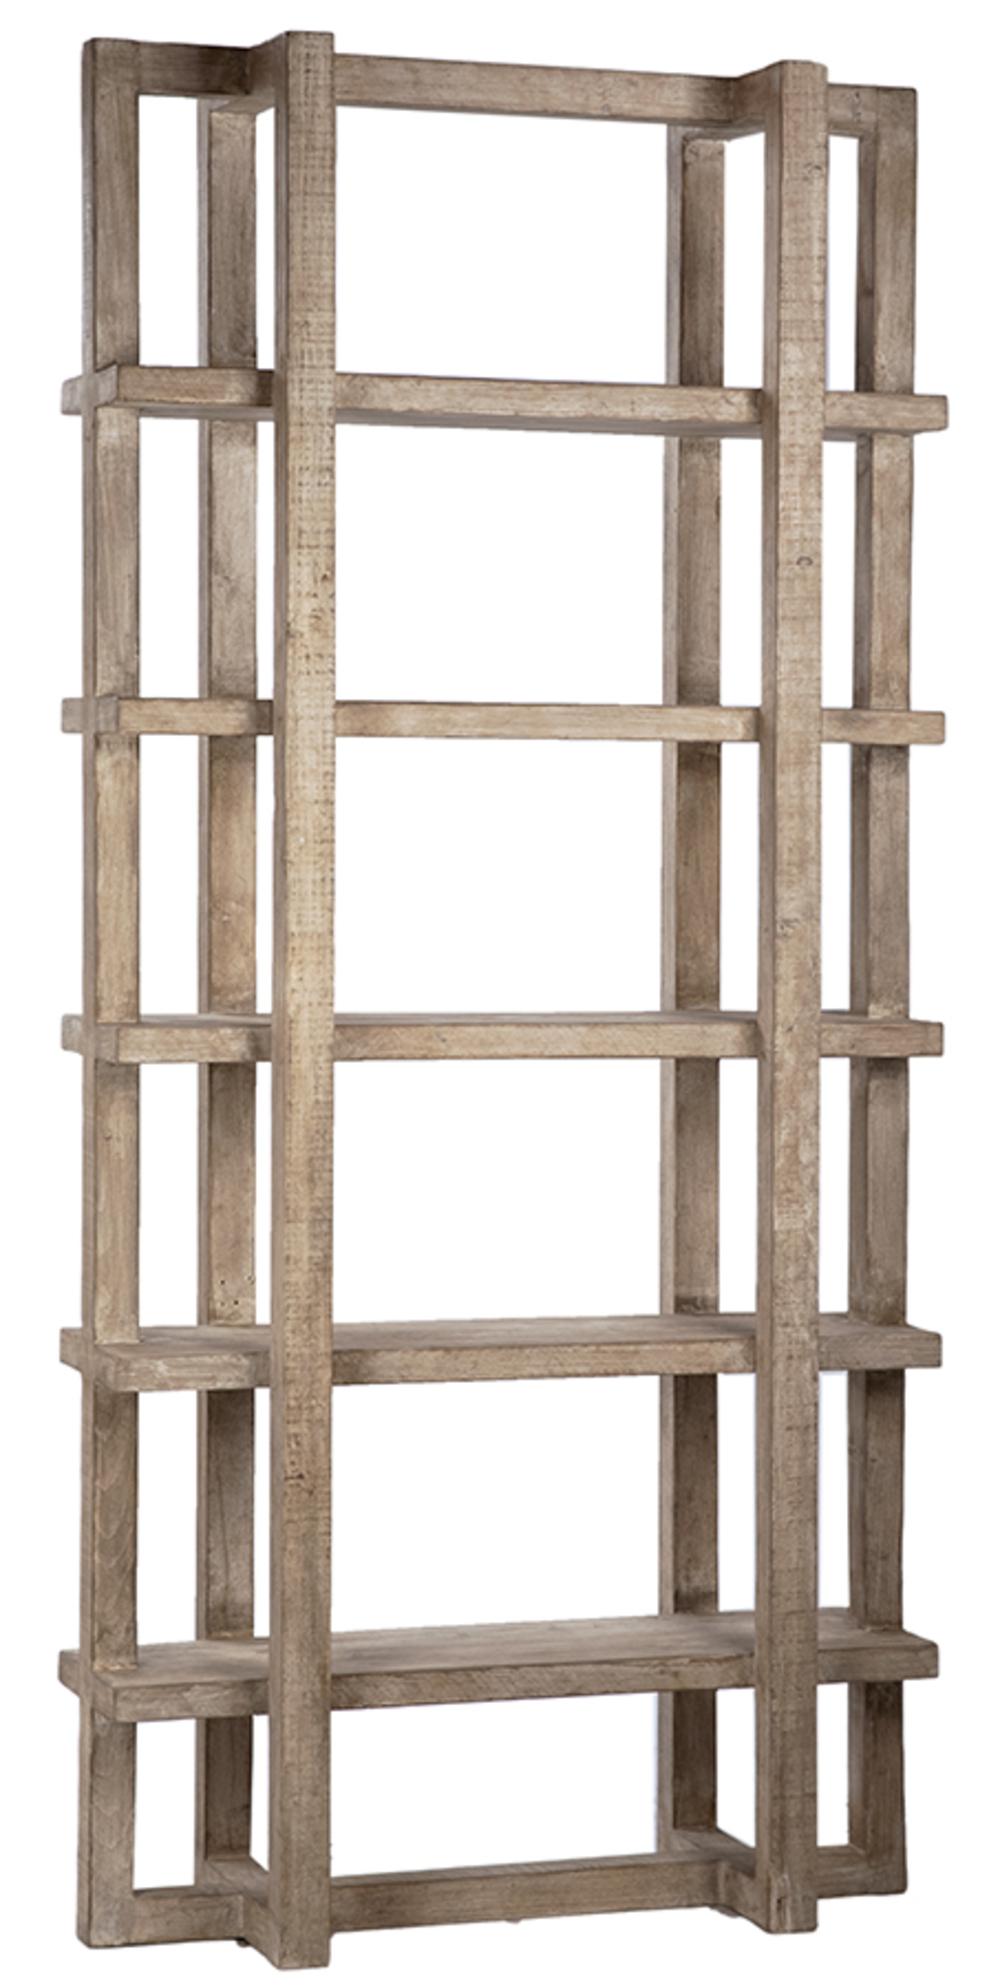 Dovetail Furniture - Hancock Bookcase